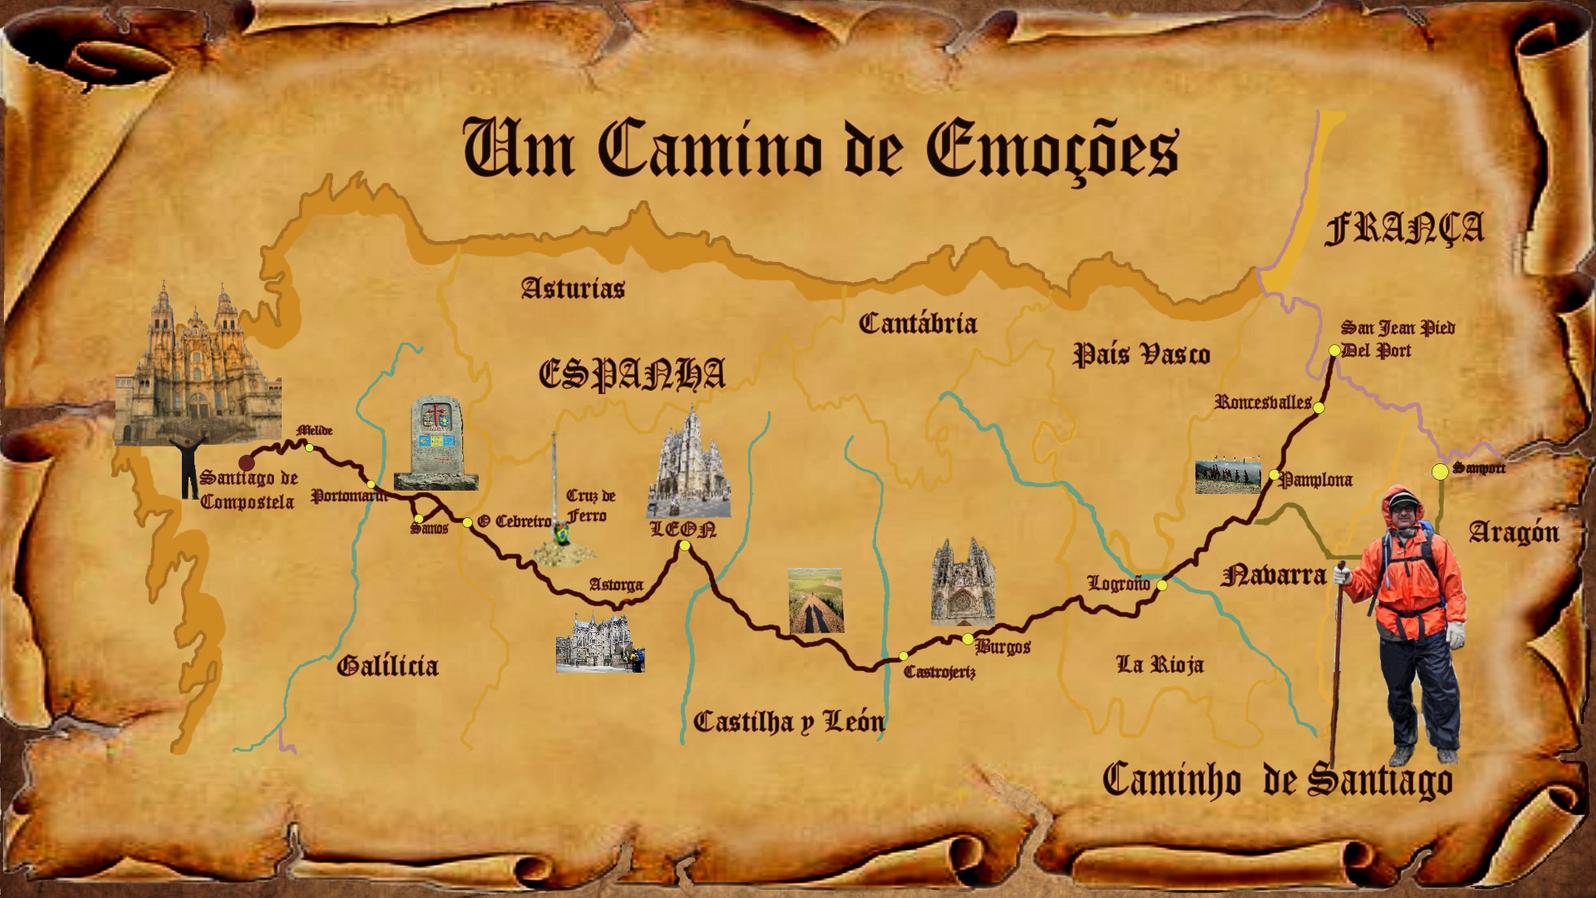 1_Mapa_do_Caminho_de_Emoçoes_1.png